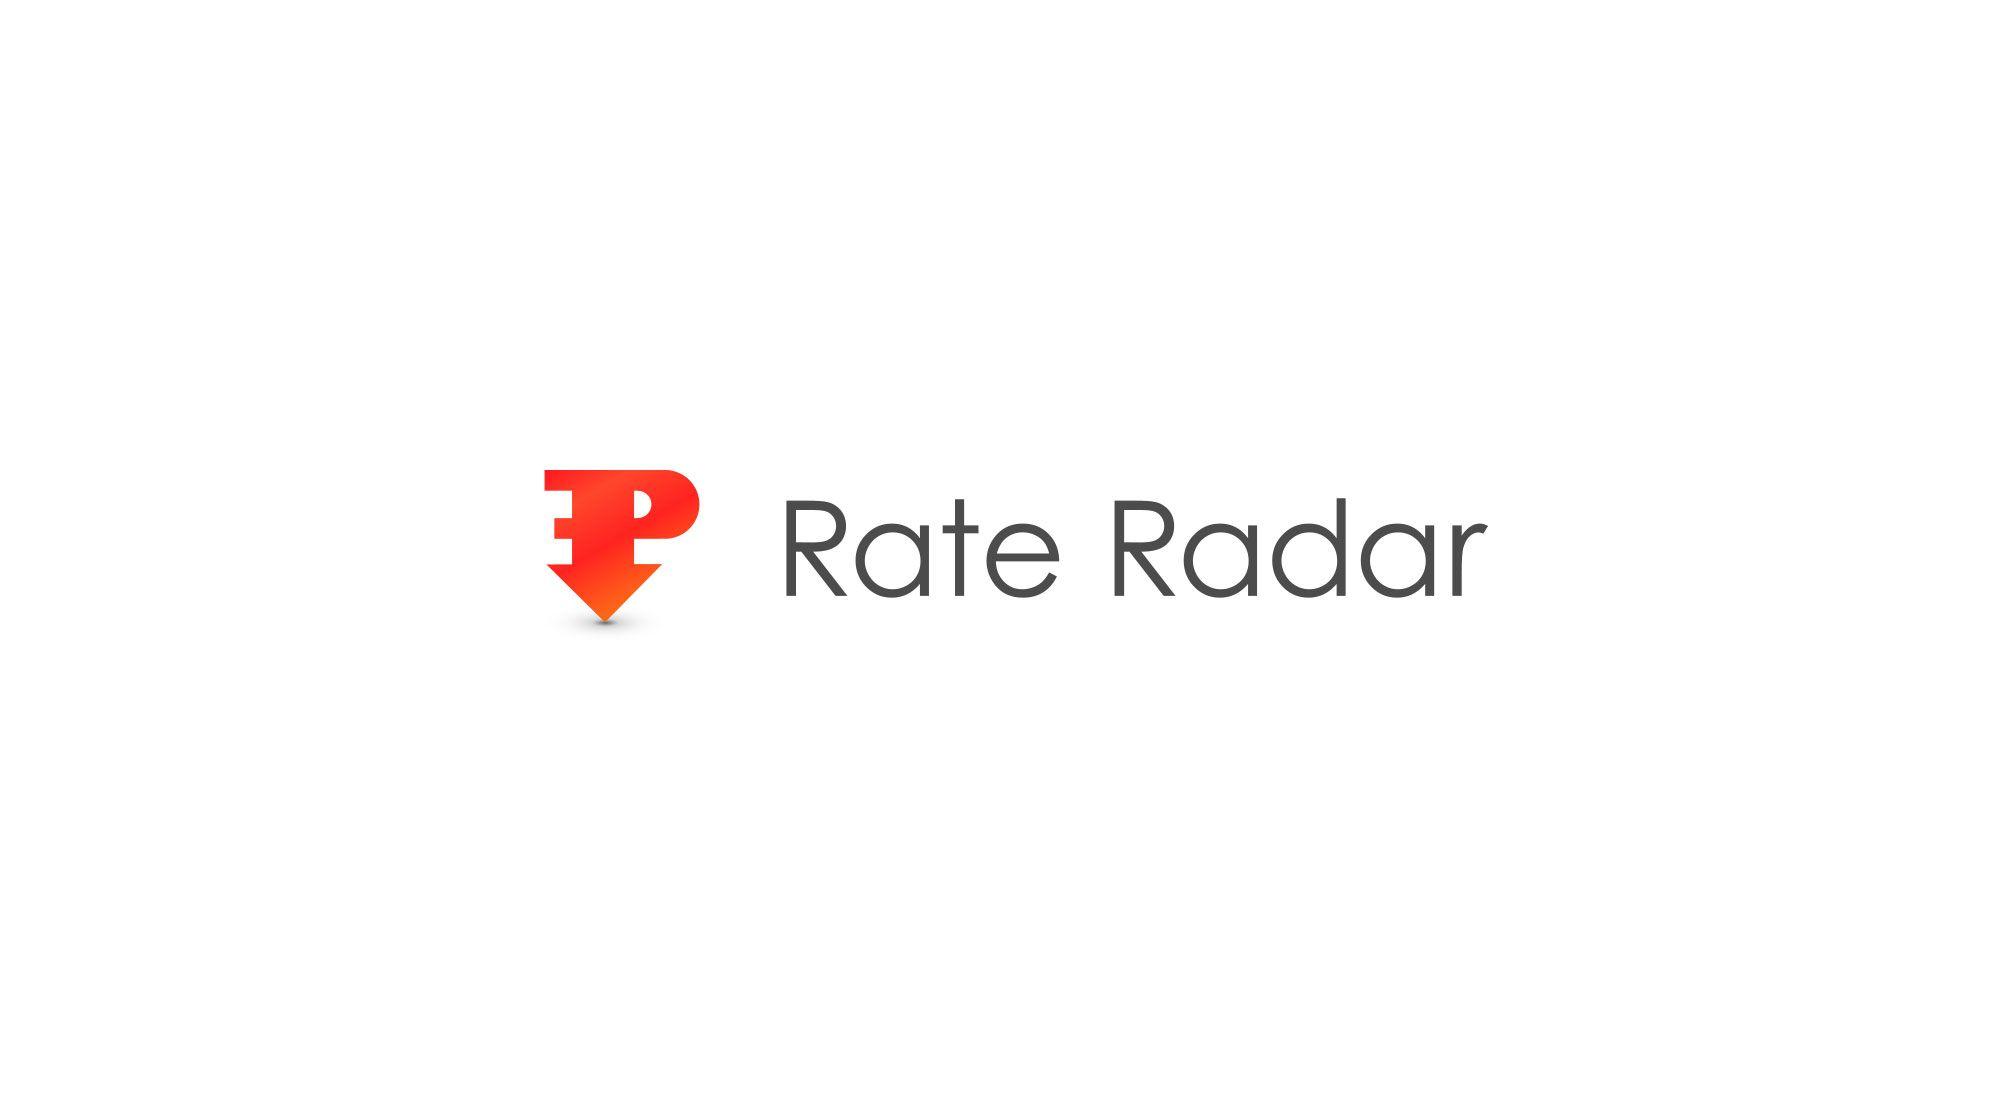 Фирменный стиль + лого для Rate Radar - дизайнер Knock-knock